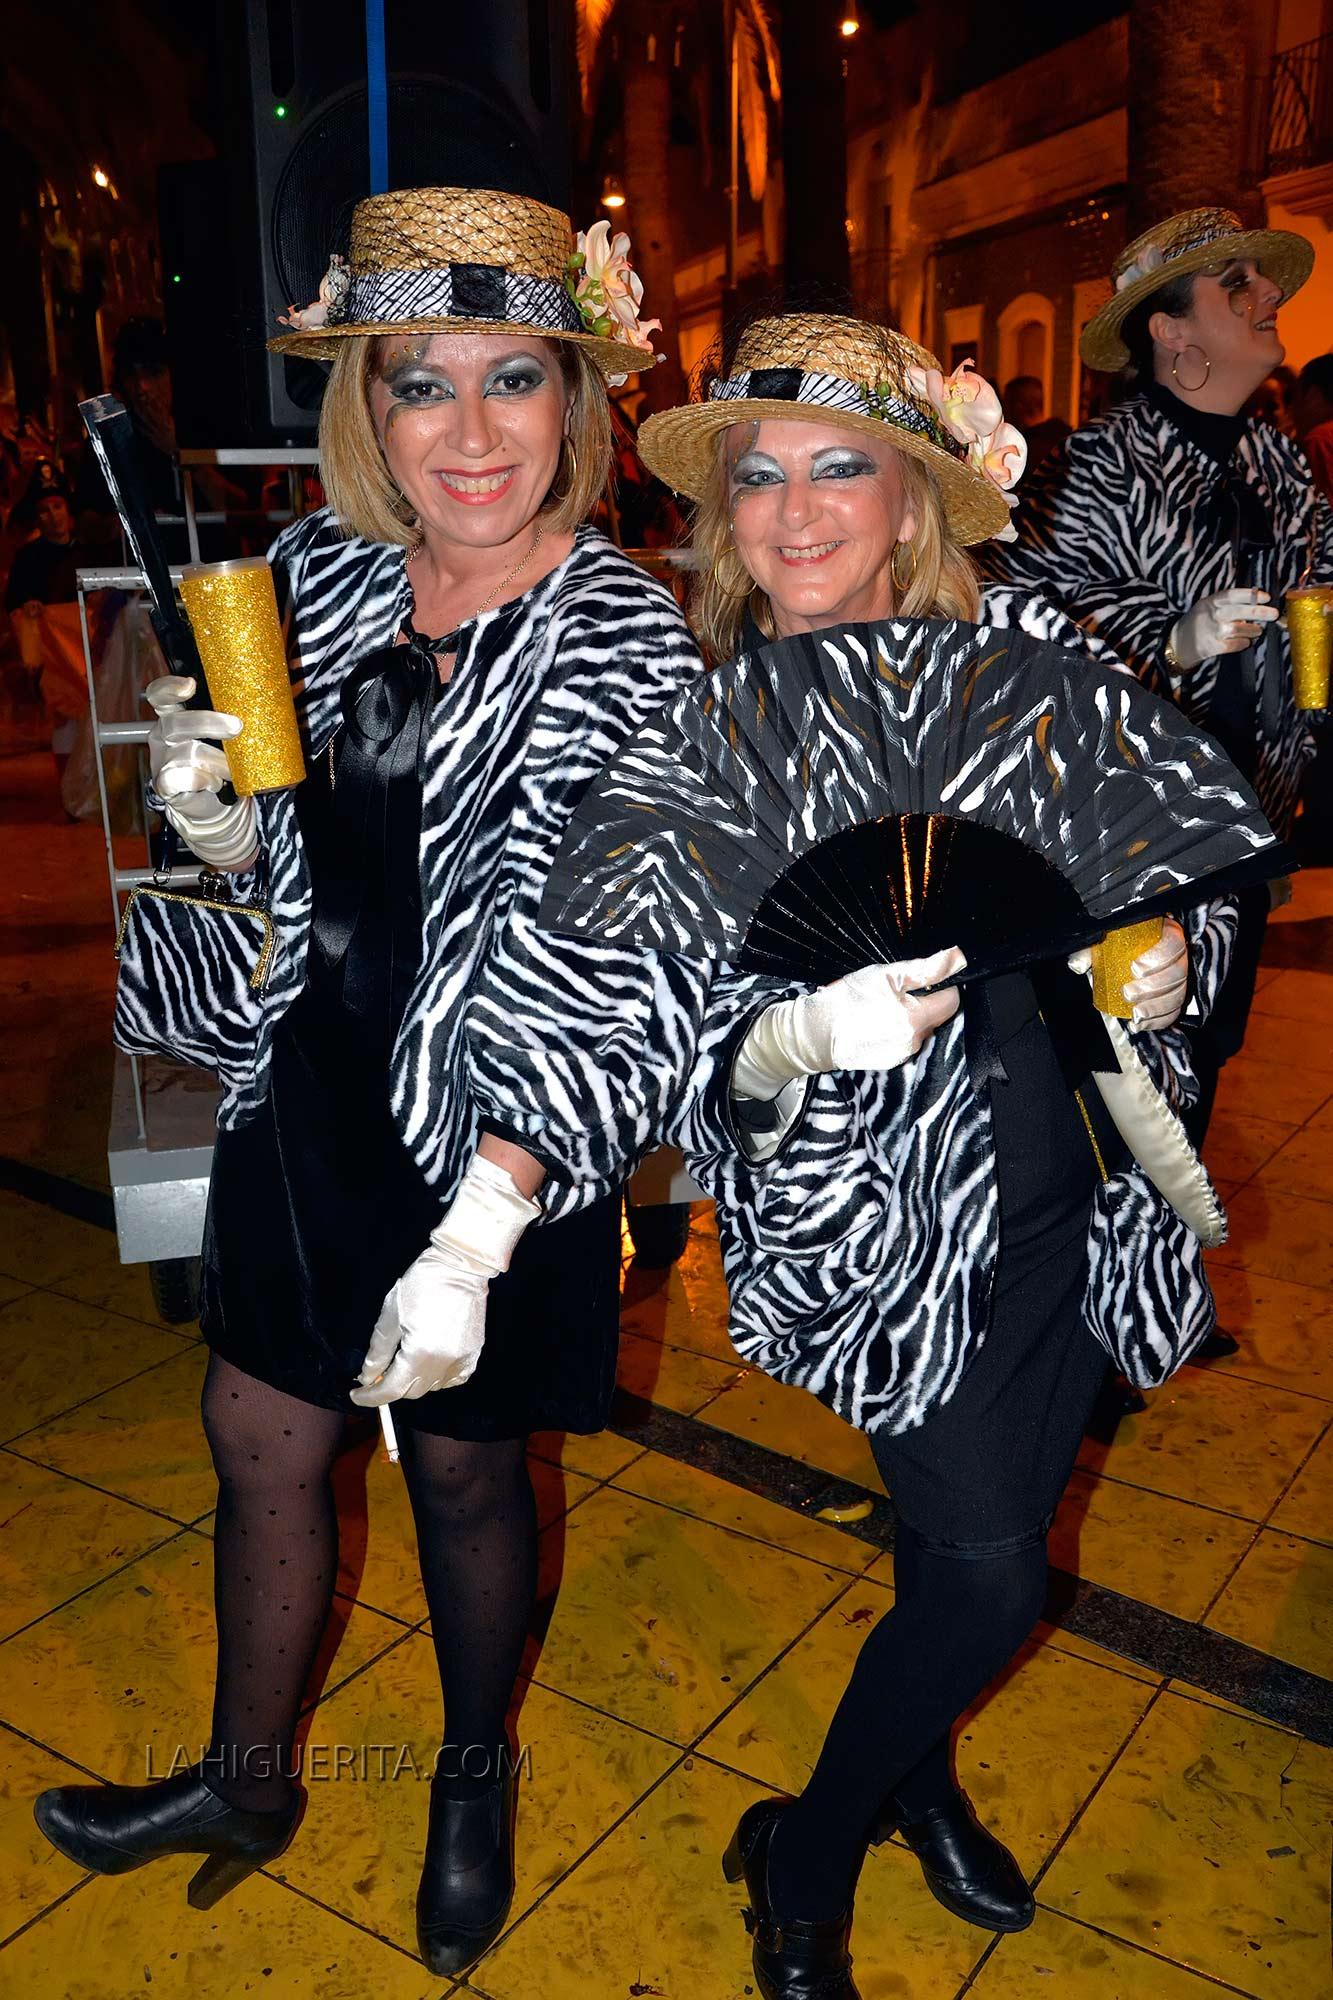 Entierro de la sardina carnaval isla cristina _DSC2242